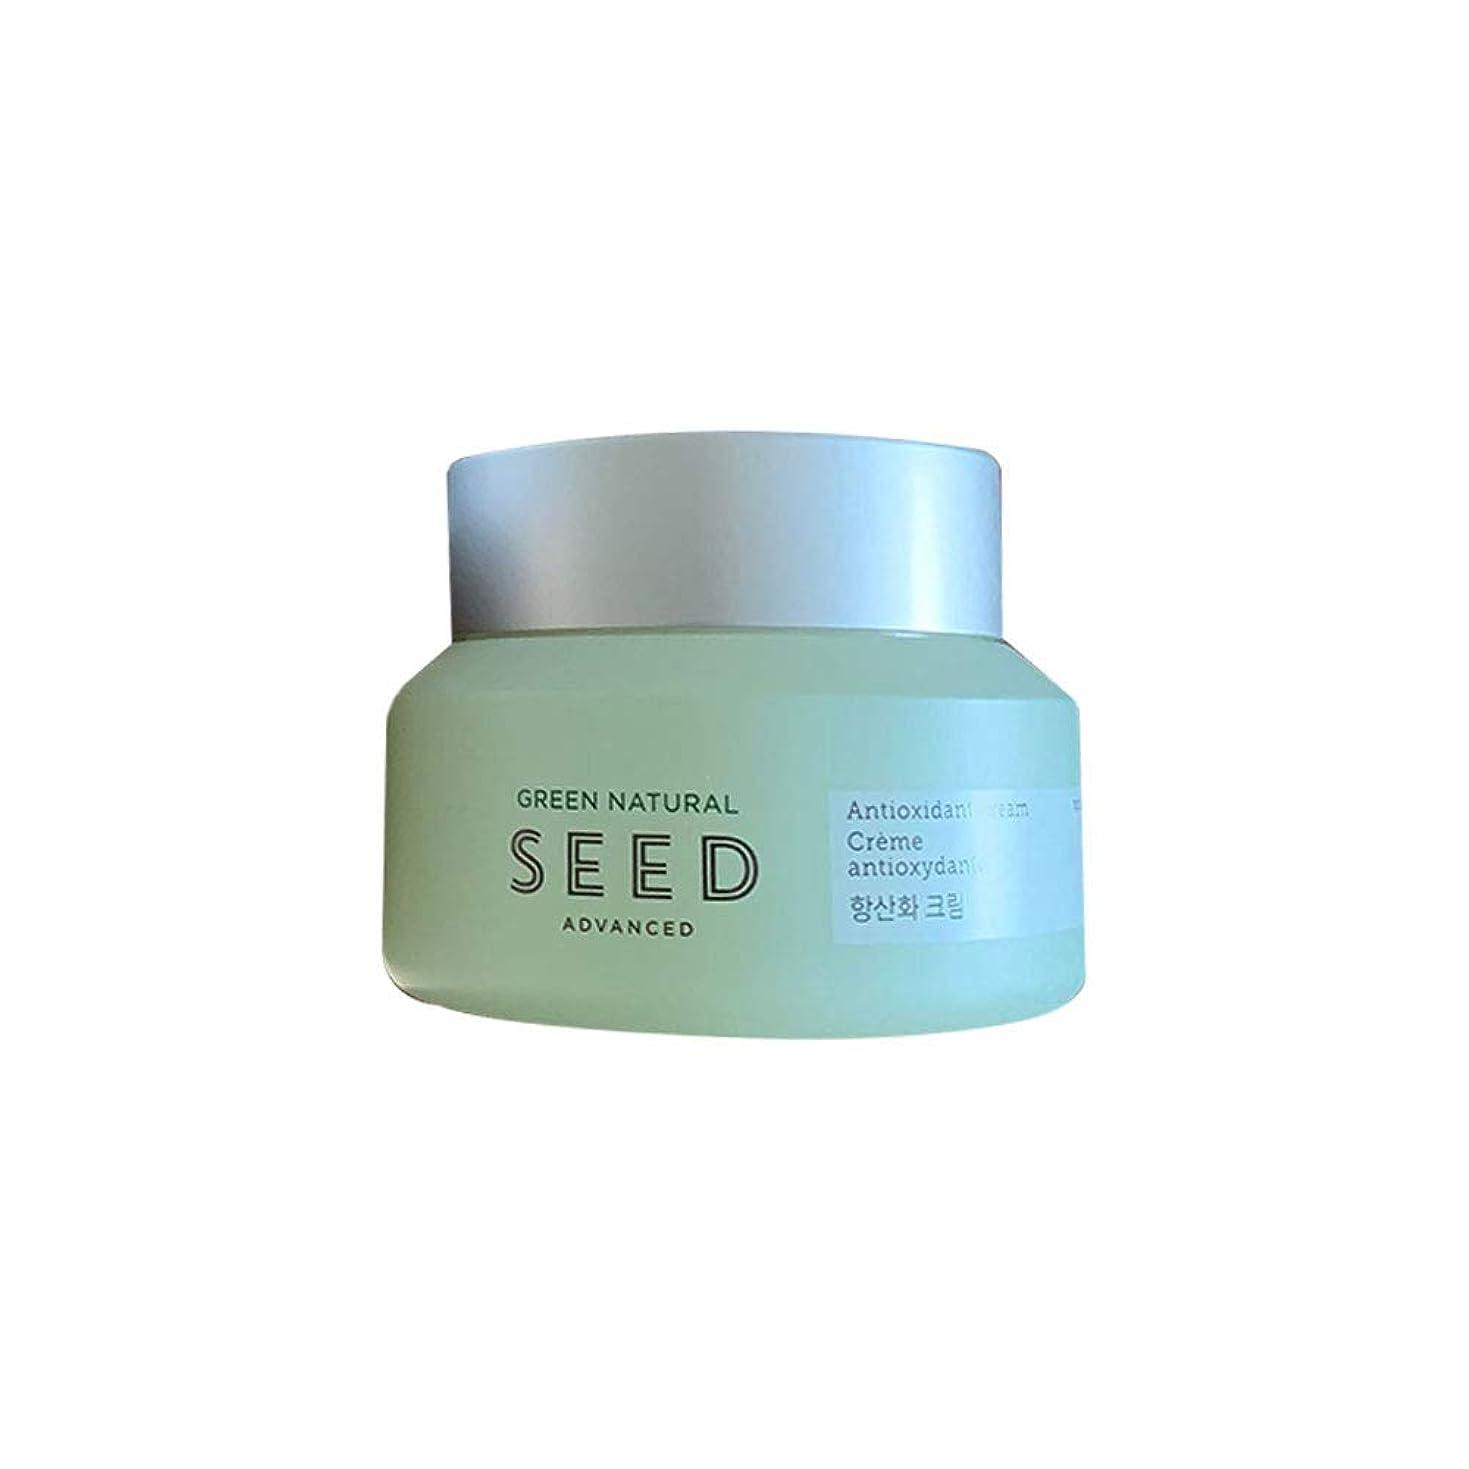 人工応じるバレル[ザフェイスショップ]The Face Shop グリーンナチュラルシード抗-酸化クリーム 50ml Green Natural Seed An-tioxidant Cream 50ml [海外直送品]